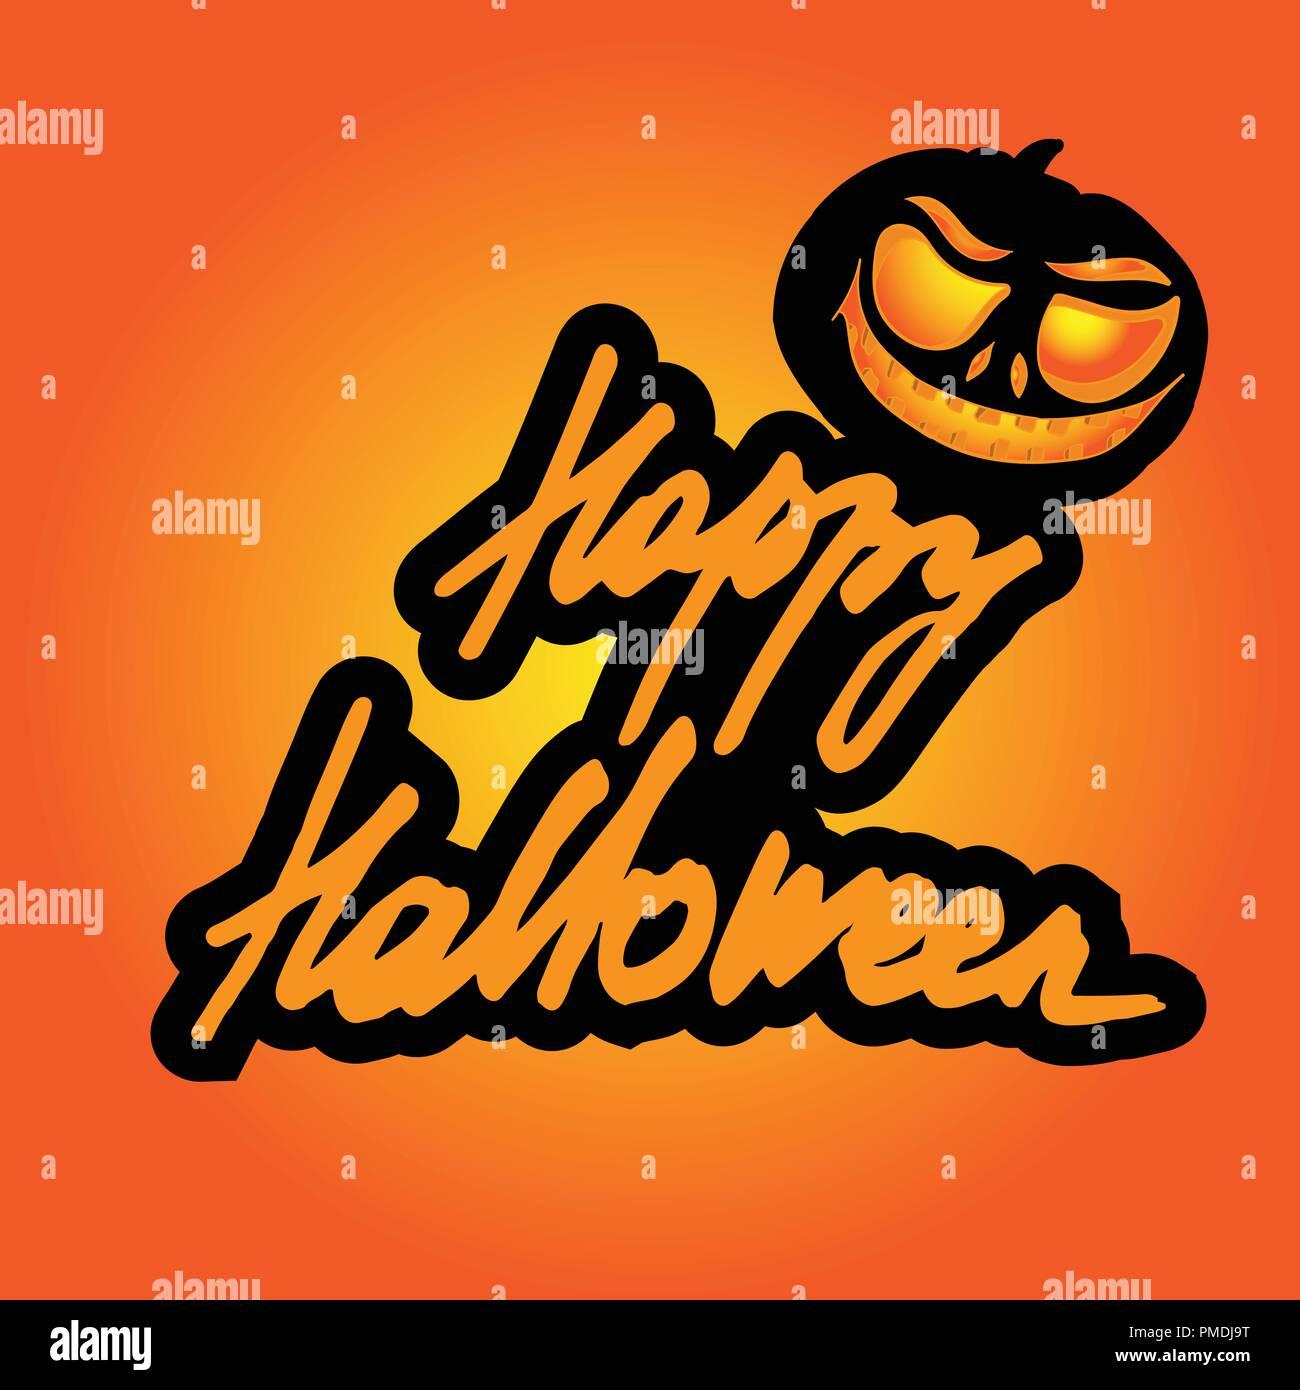 Dessin Anime Halloween Jack.L Inscription D Happy Halloween Le Lettrage Arriere Plan De Dessin Anime Pumpkin Jack O Lantern Et Stylise De L Inscription A Titre D Invitation Image Vectorielle Stock Alamy